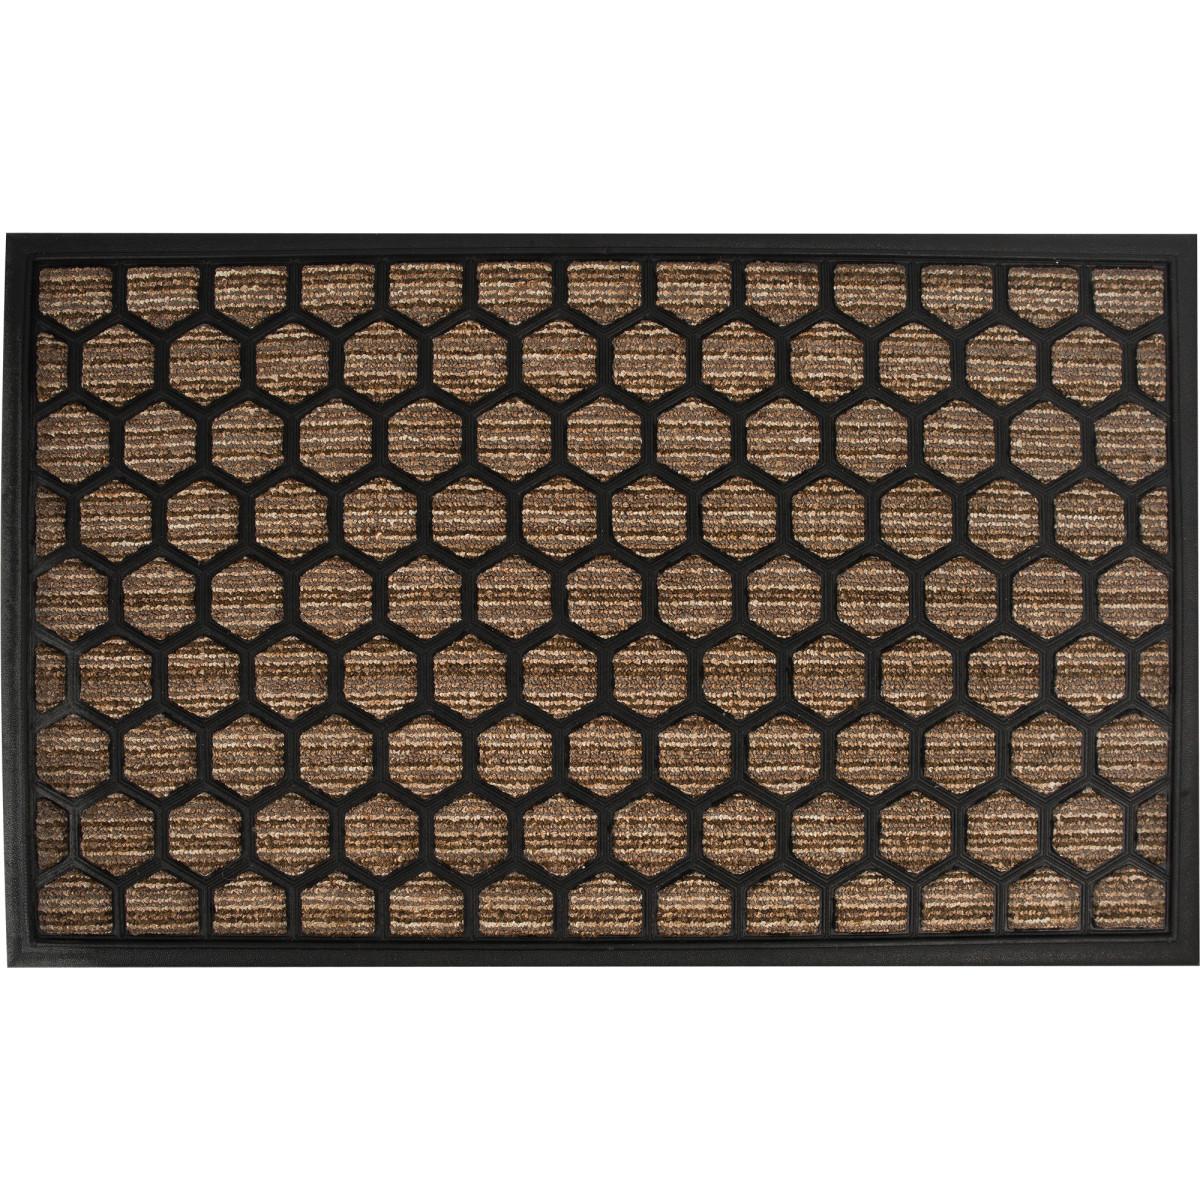 Коврик Porto 1086 45x75 см резина цвет коричневый